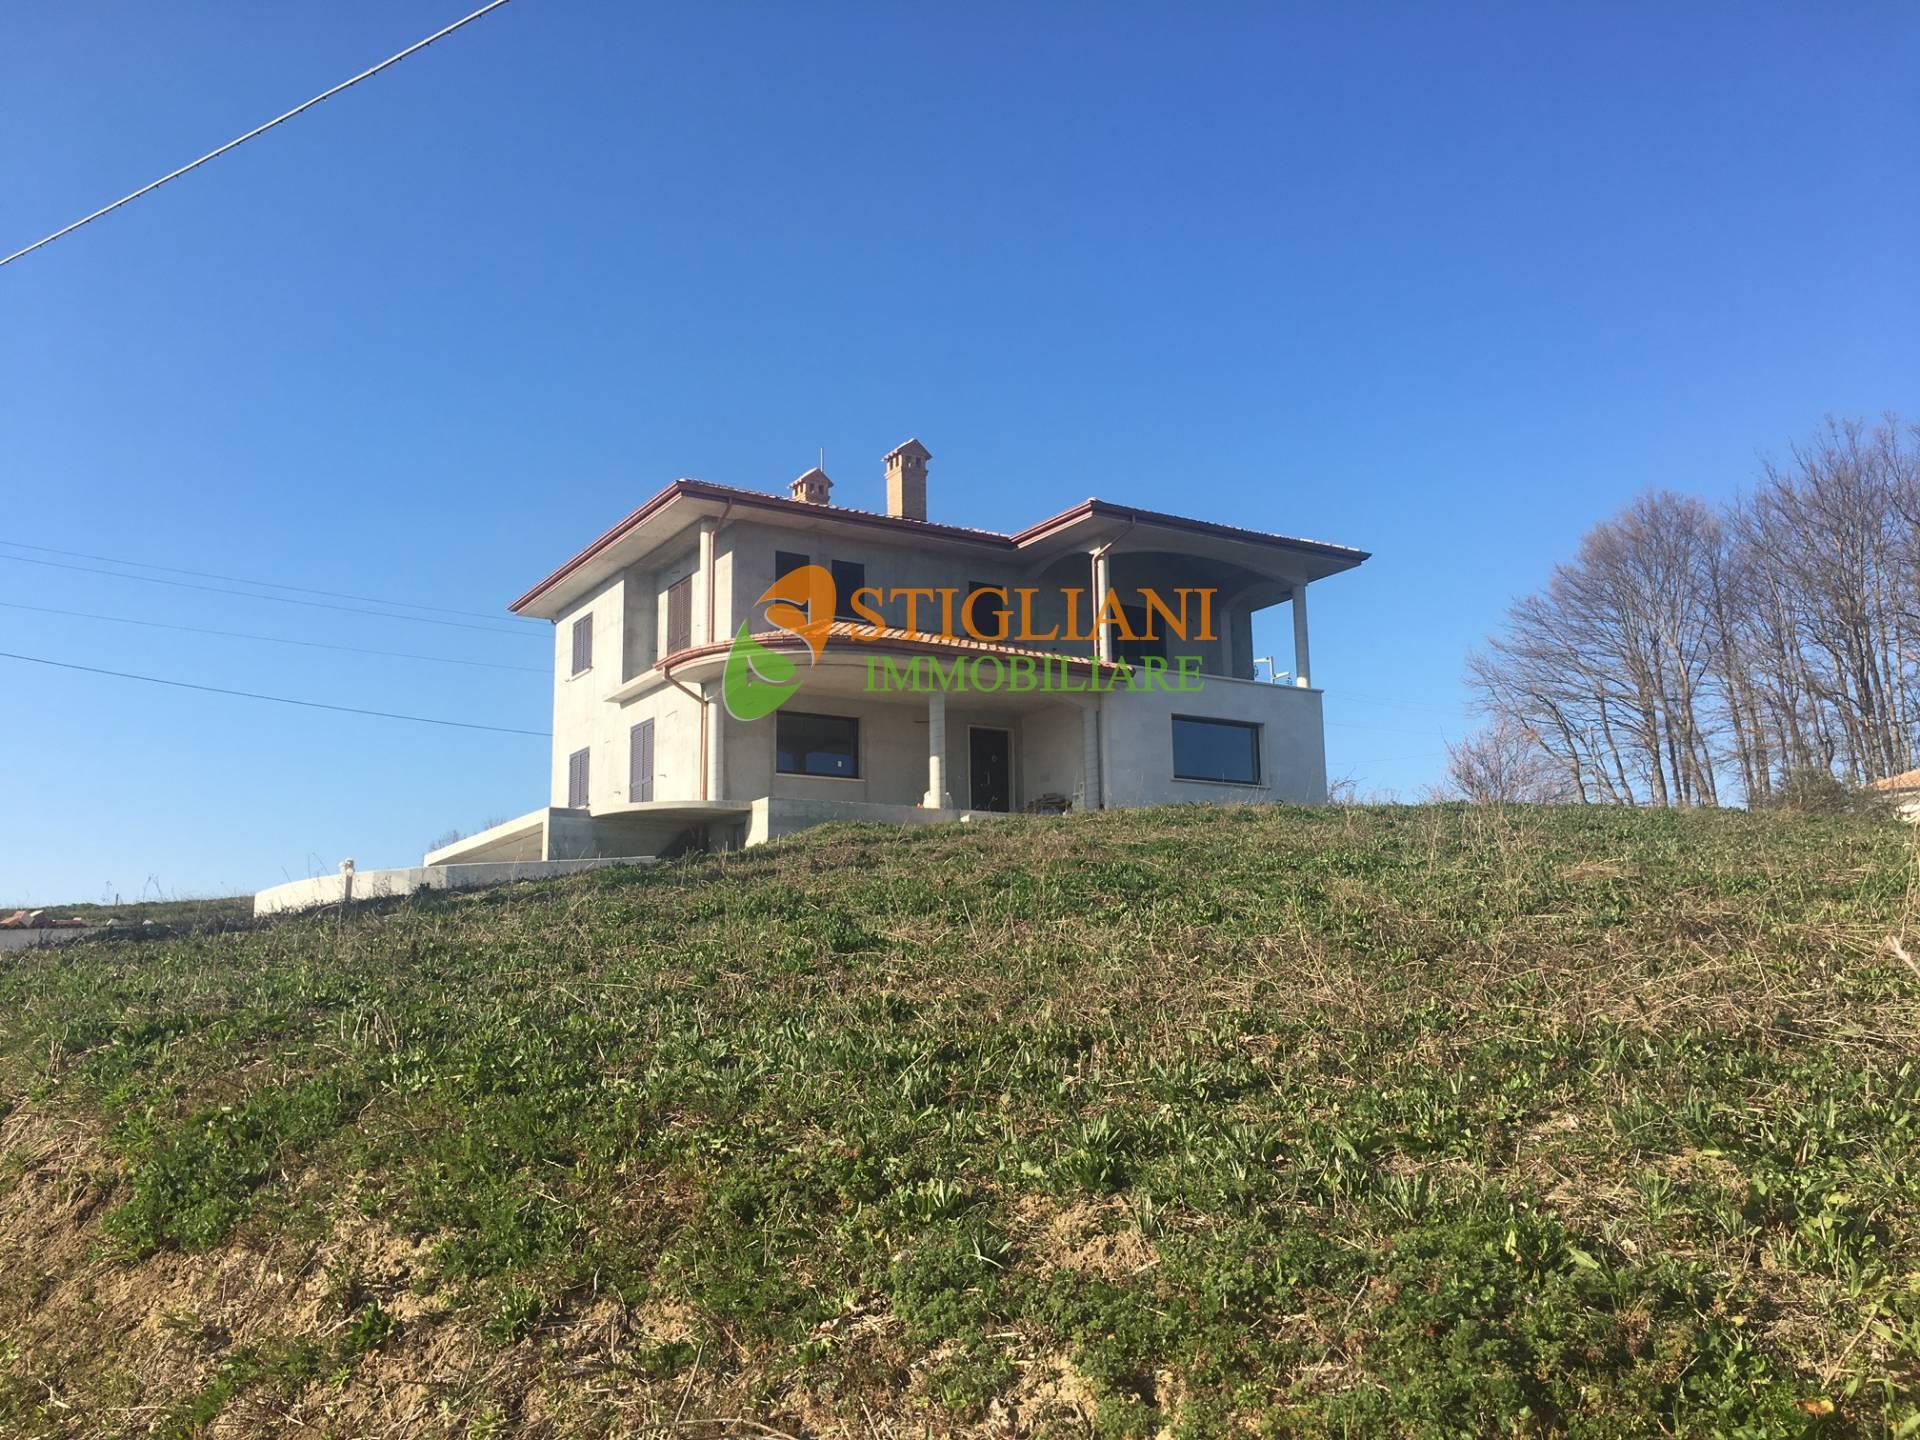 Villa in vendita a Baranello, 10 locali, zona Località: c.daTerranova, Trattative riservate   CambioCasa.it